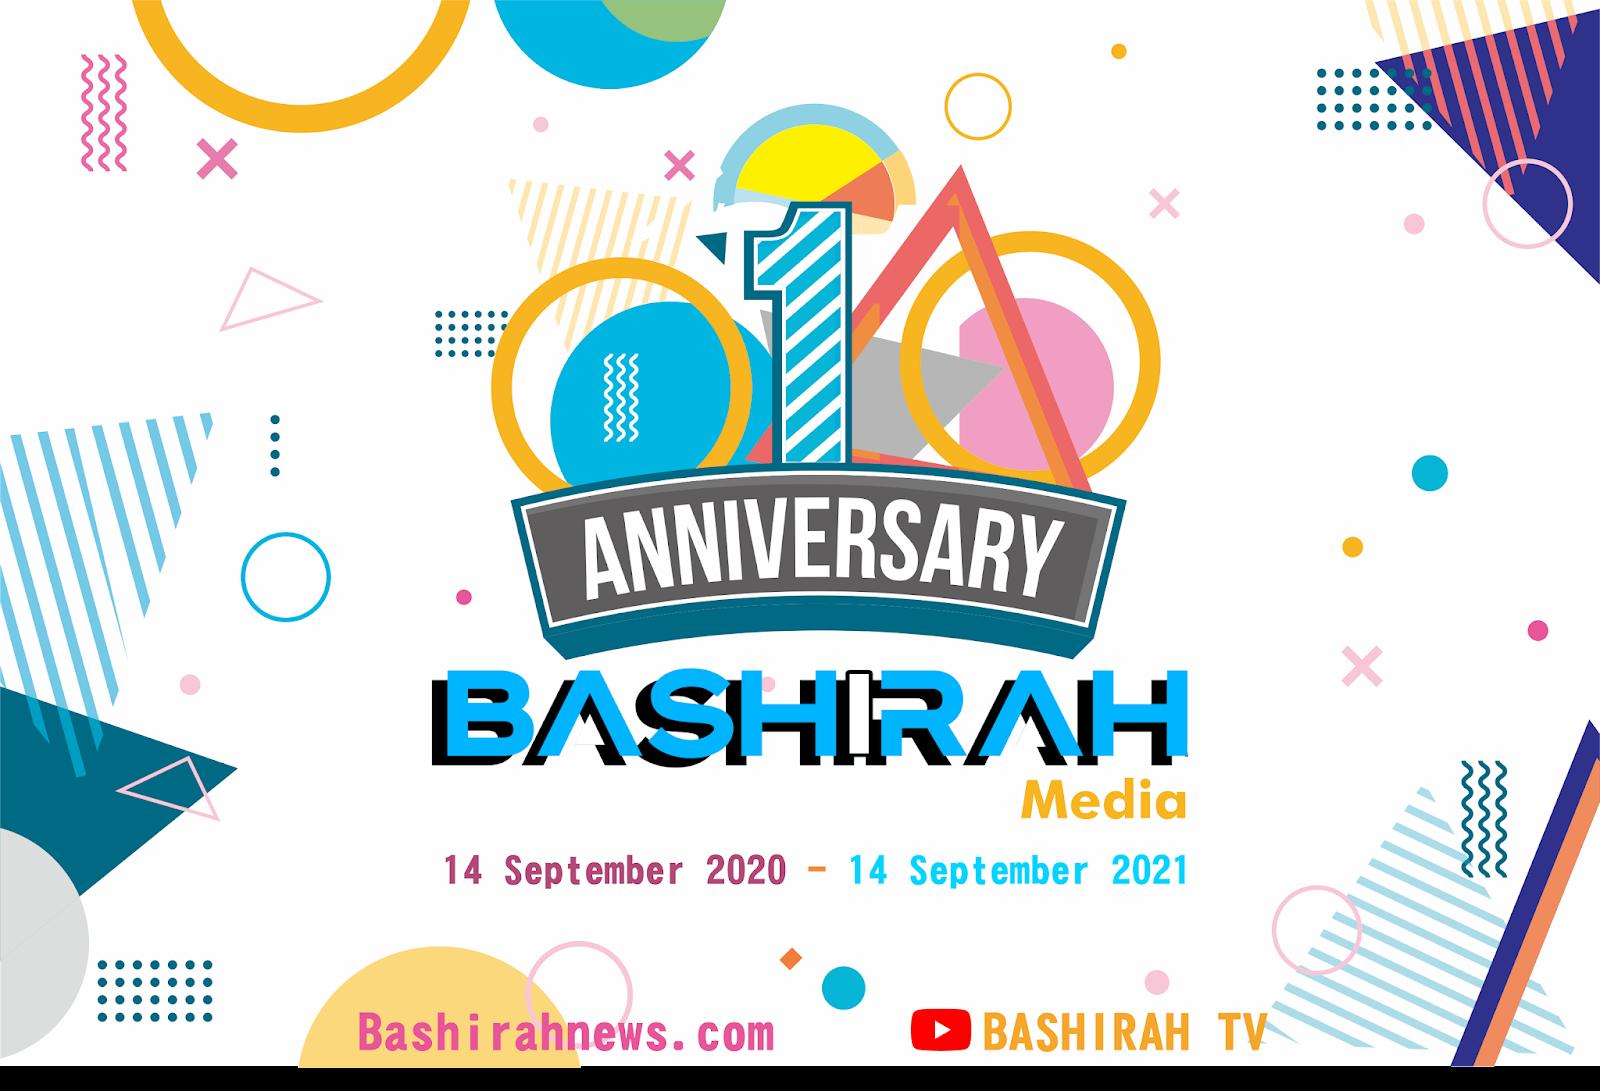 BASHIRAH MEDIA